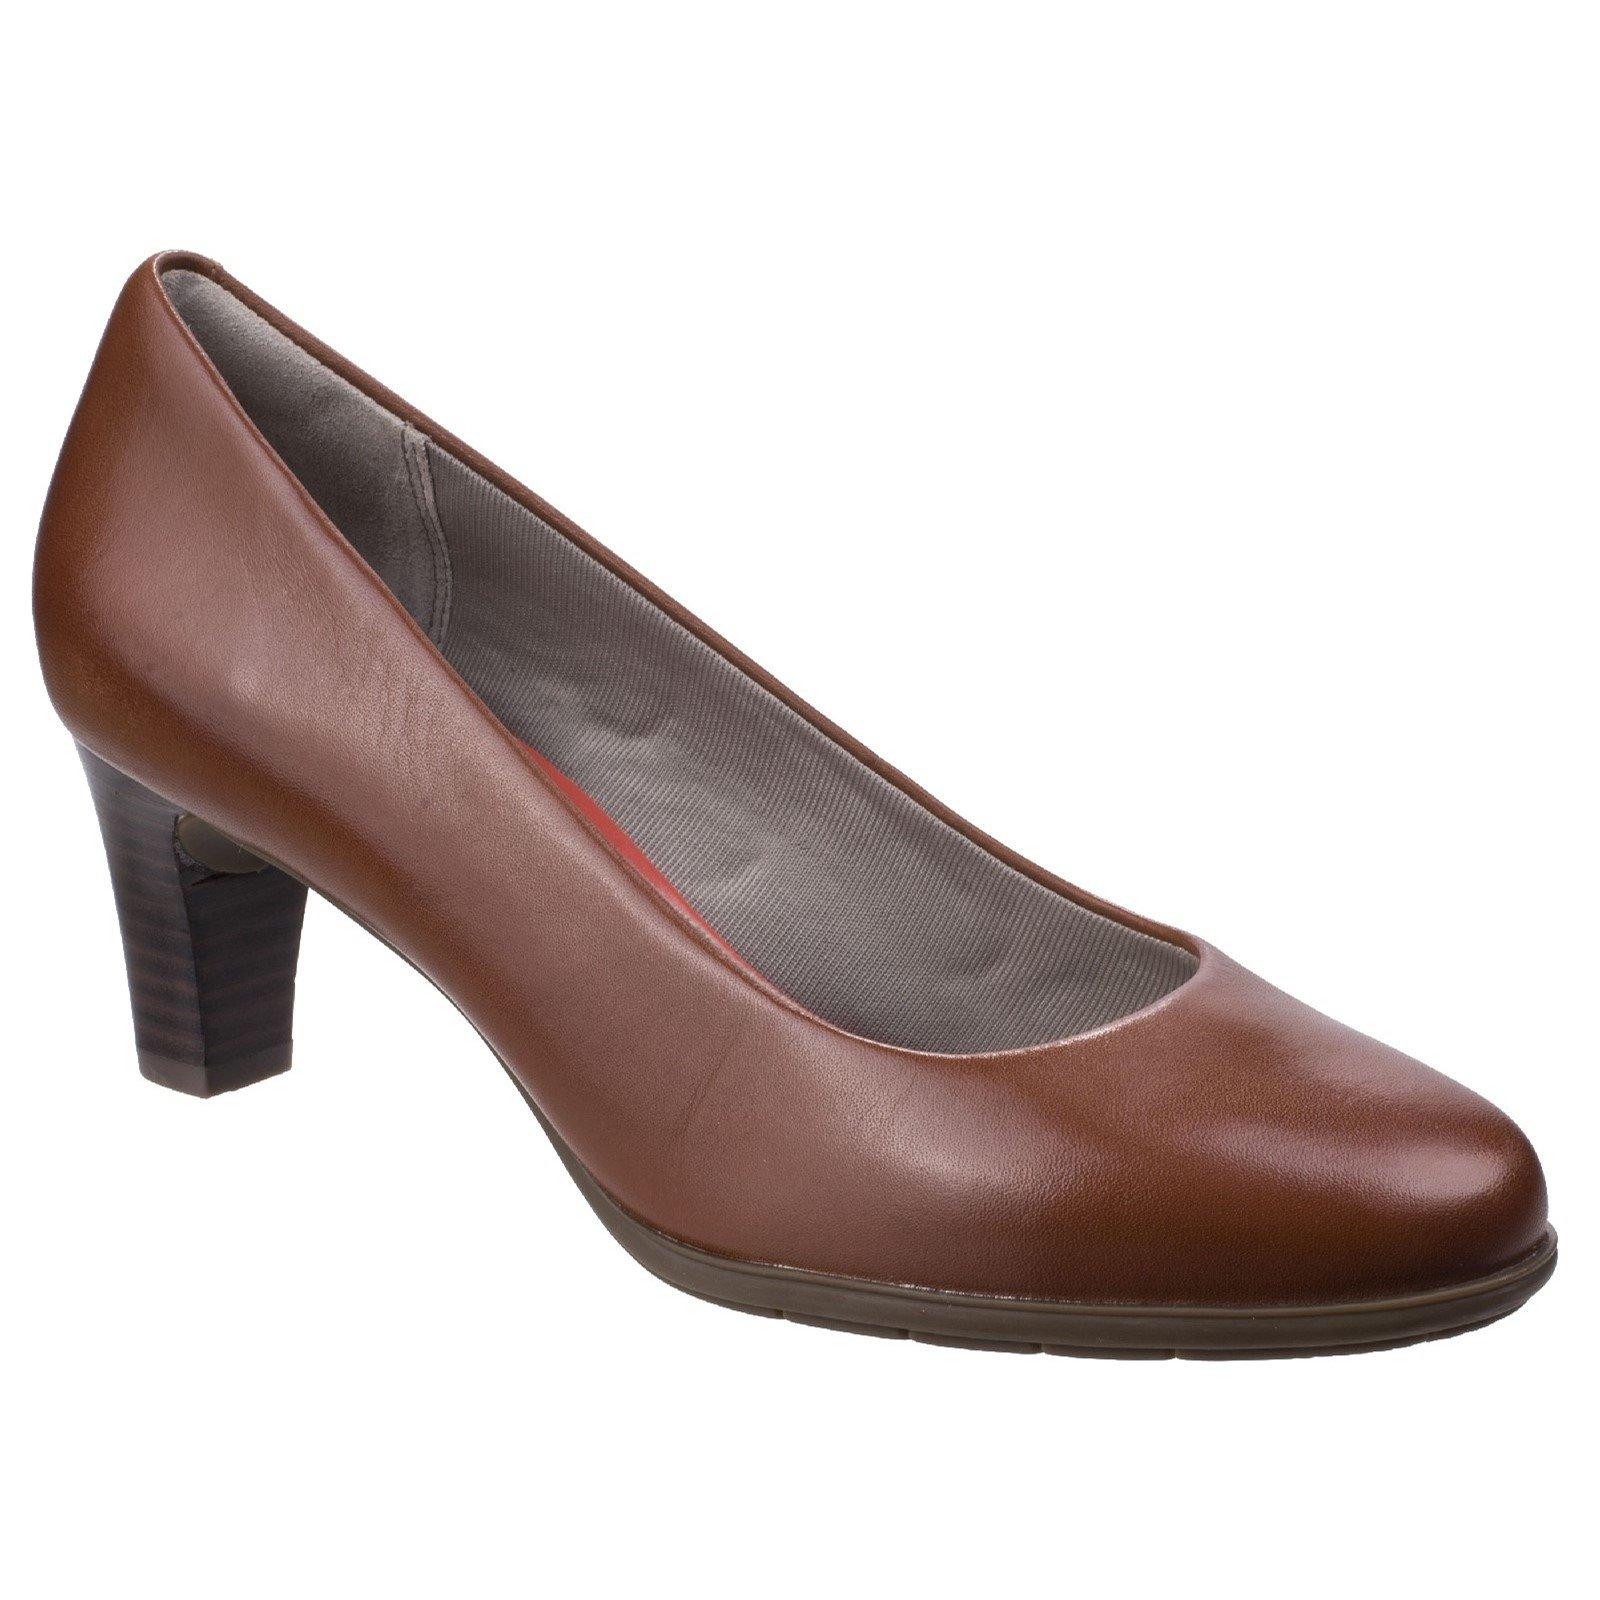 Rockport Women's Melora Plain Pump Shoe Various Colours 26349 - Alpaca 5